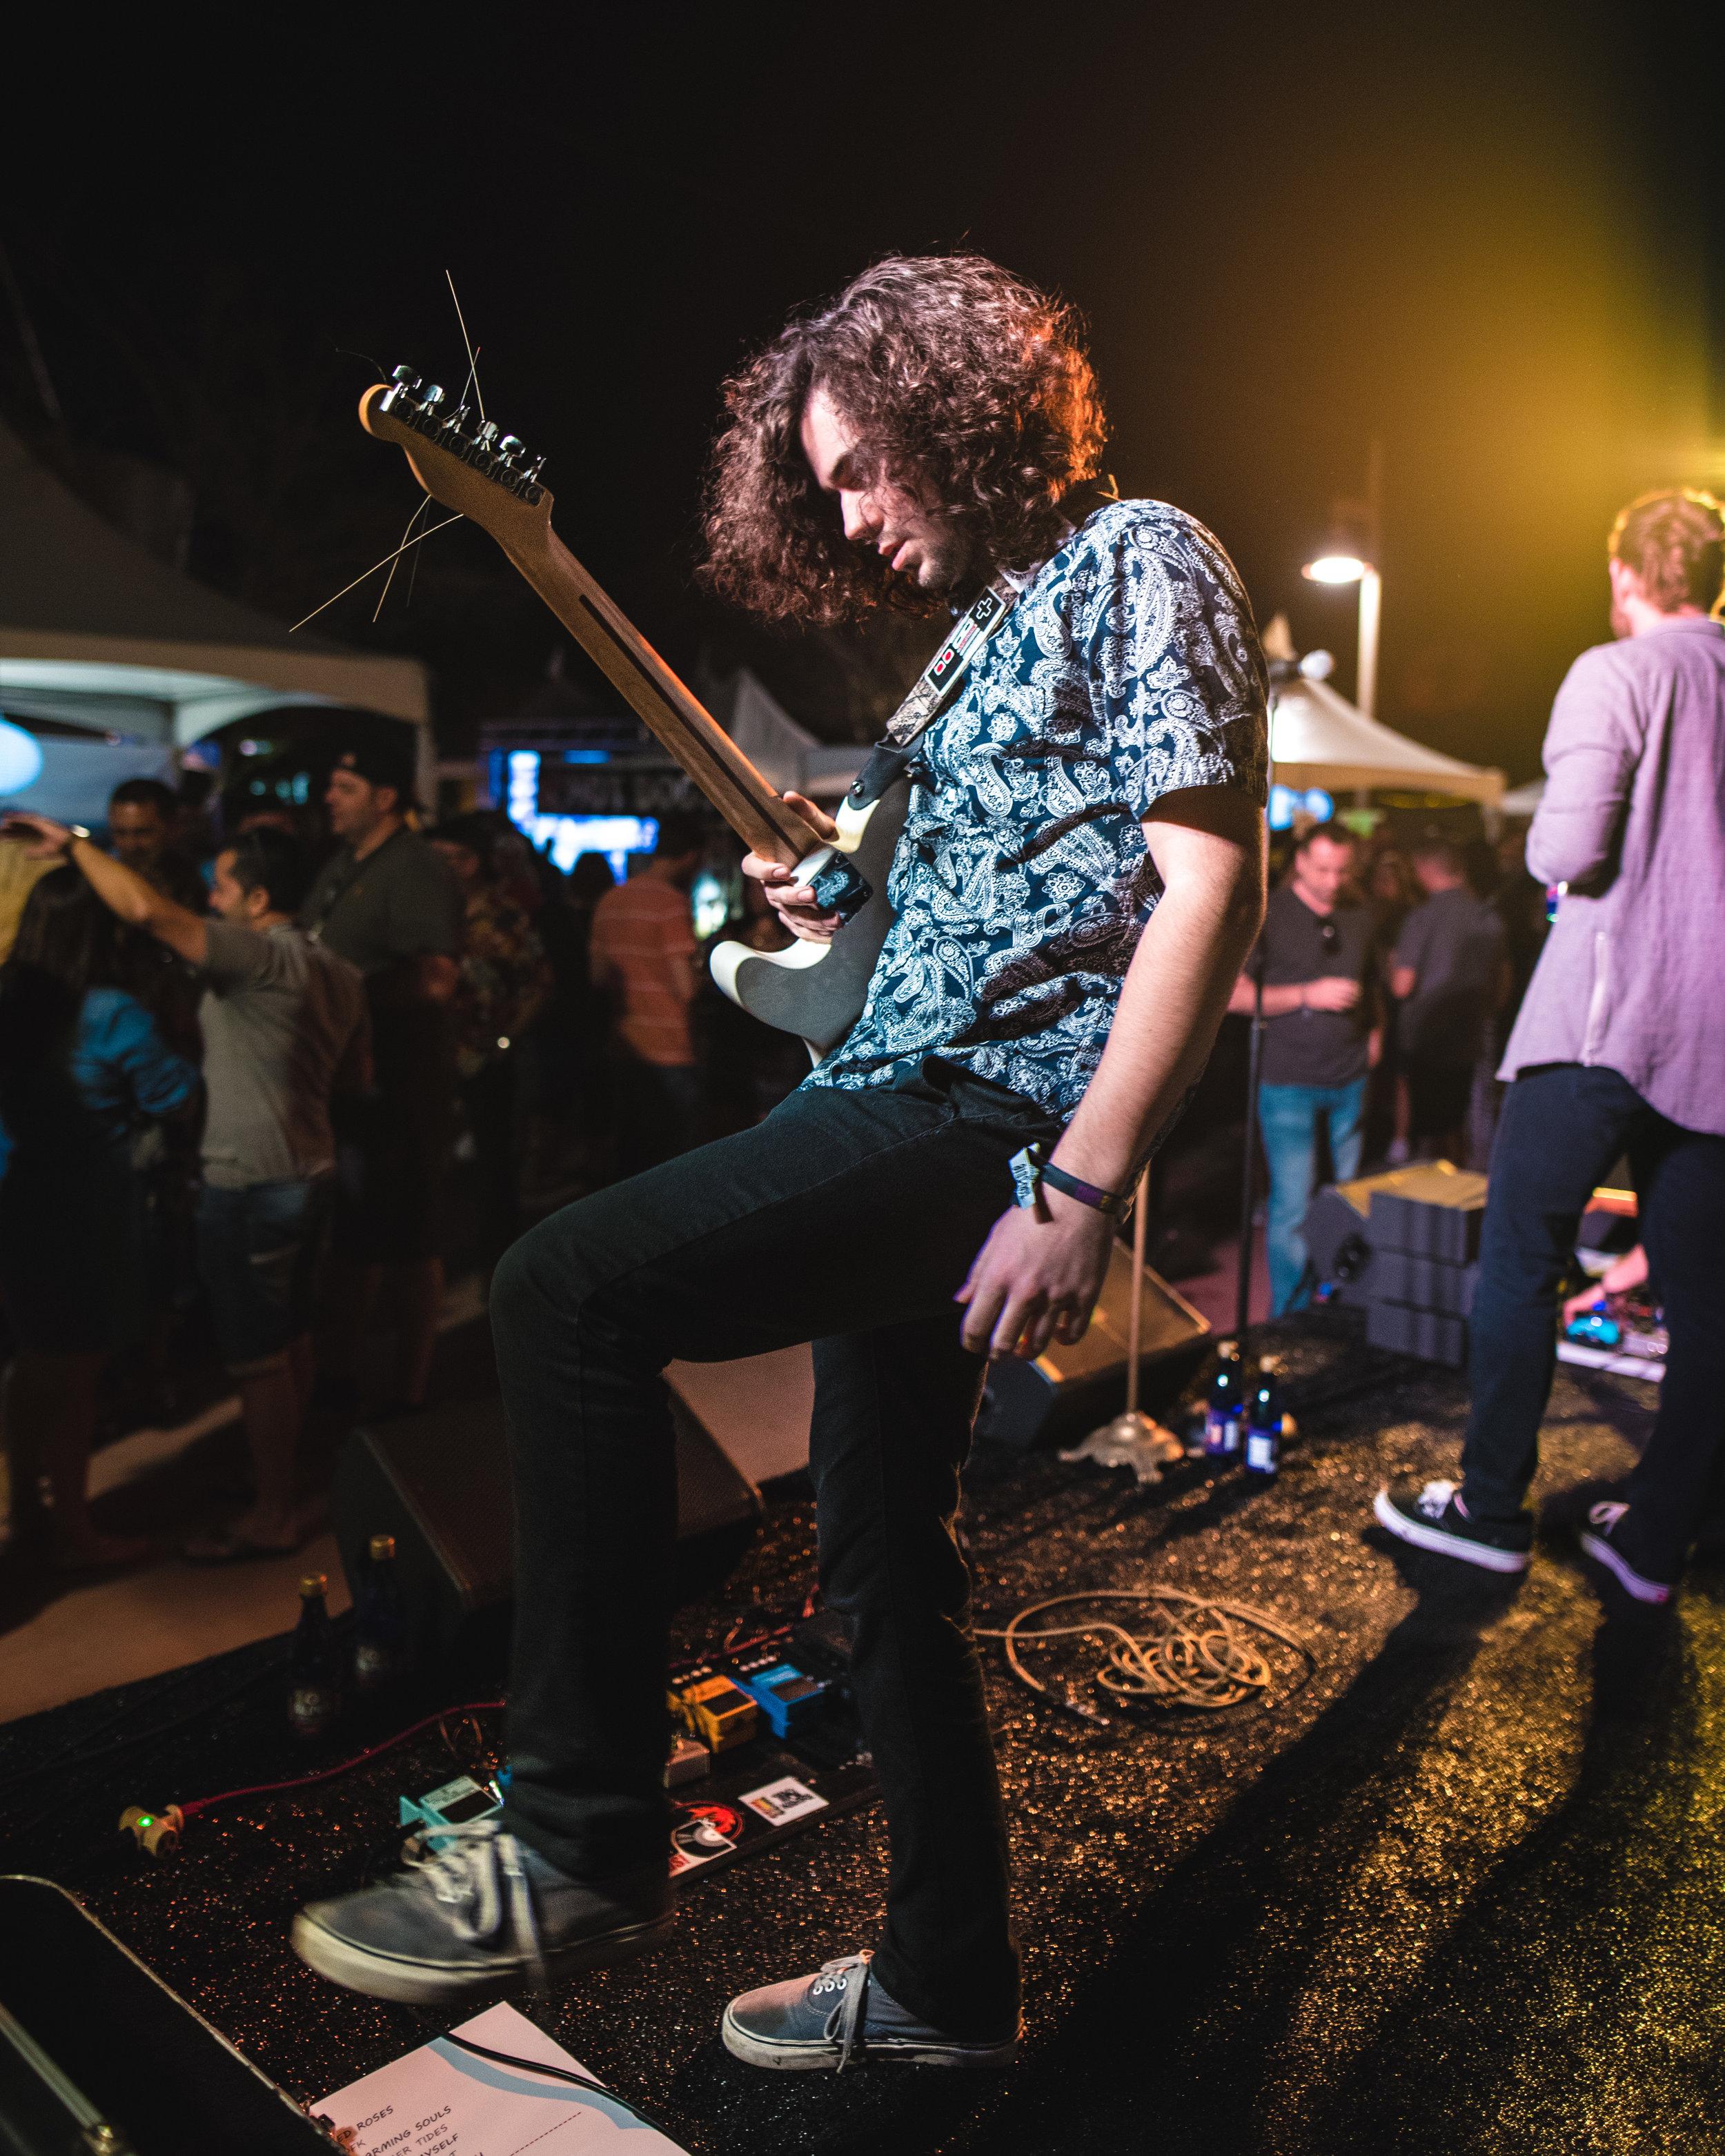 barefoot crushbrew festival scottsdale 2016 3.jpg